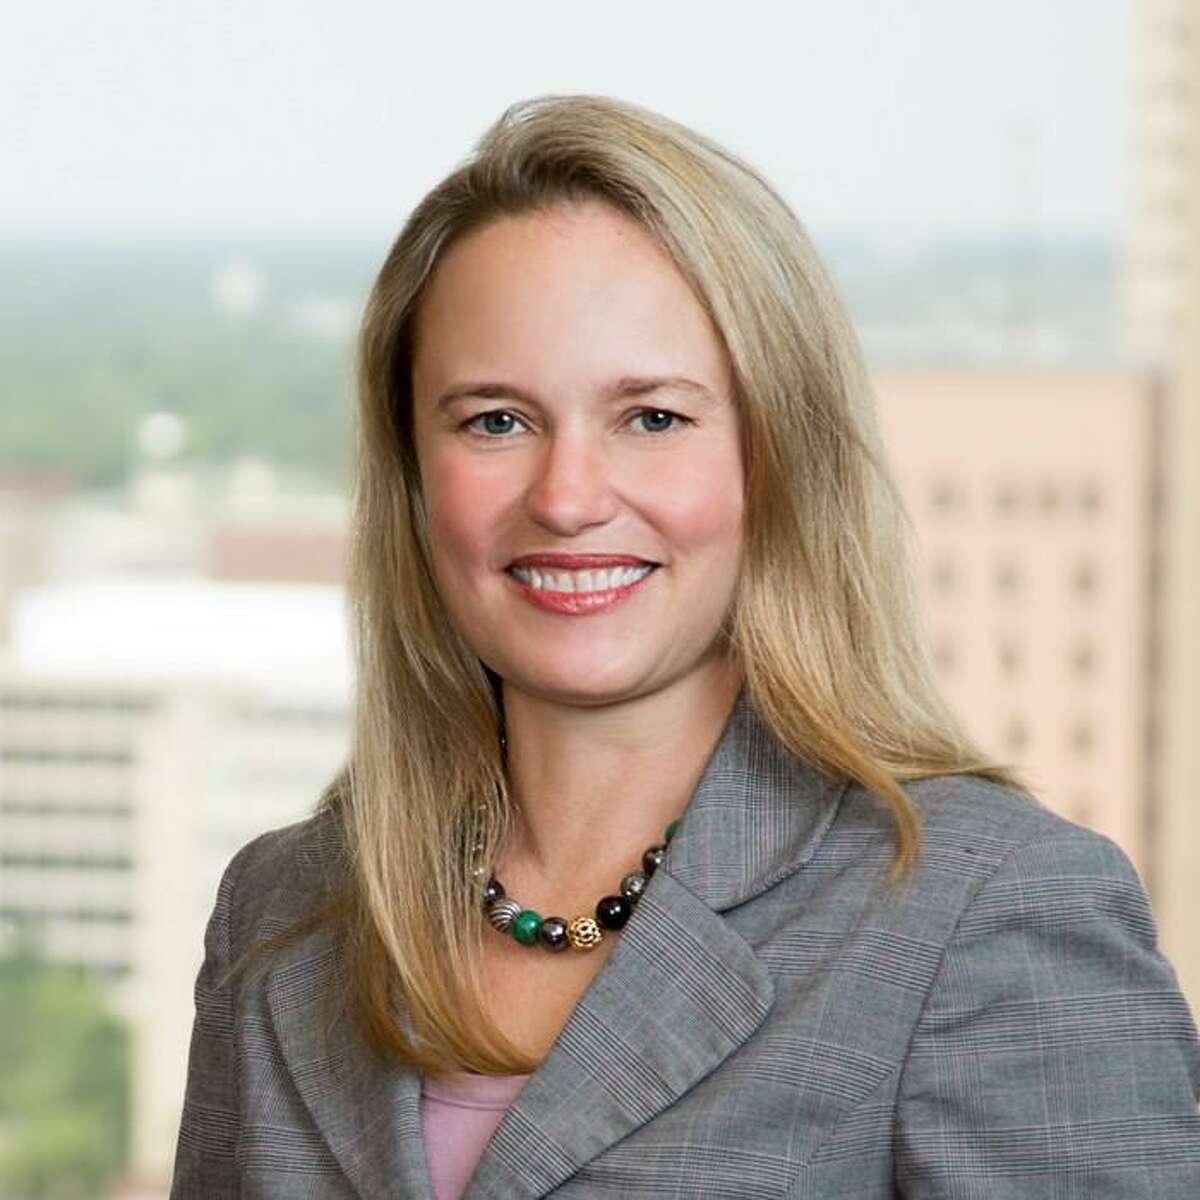 Bankruptcy litigator Elizabeth Carol Freeman, a former law clerk for the U.S. Bankruptcy Court, has joined Jackson Walker as a partner.